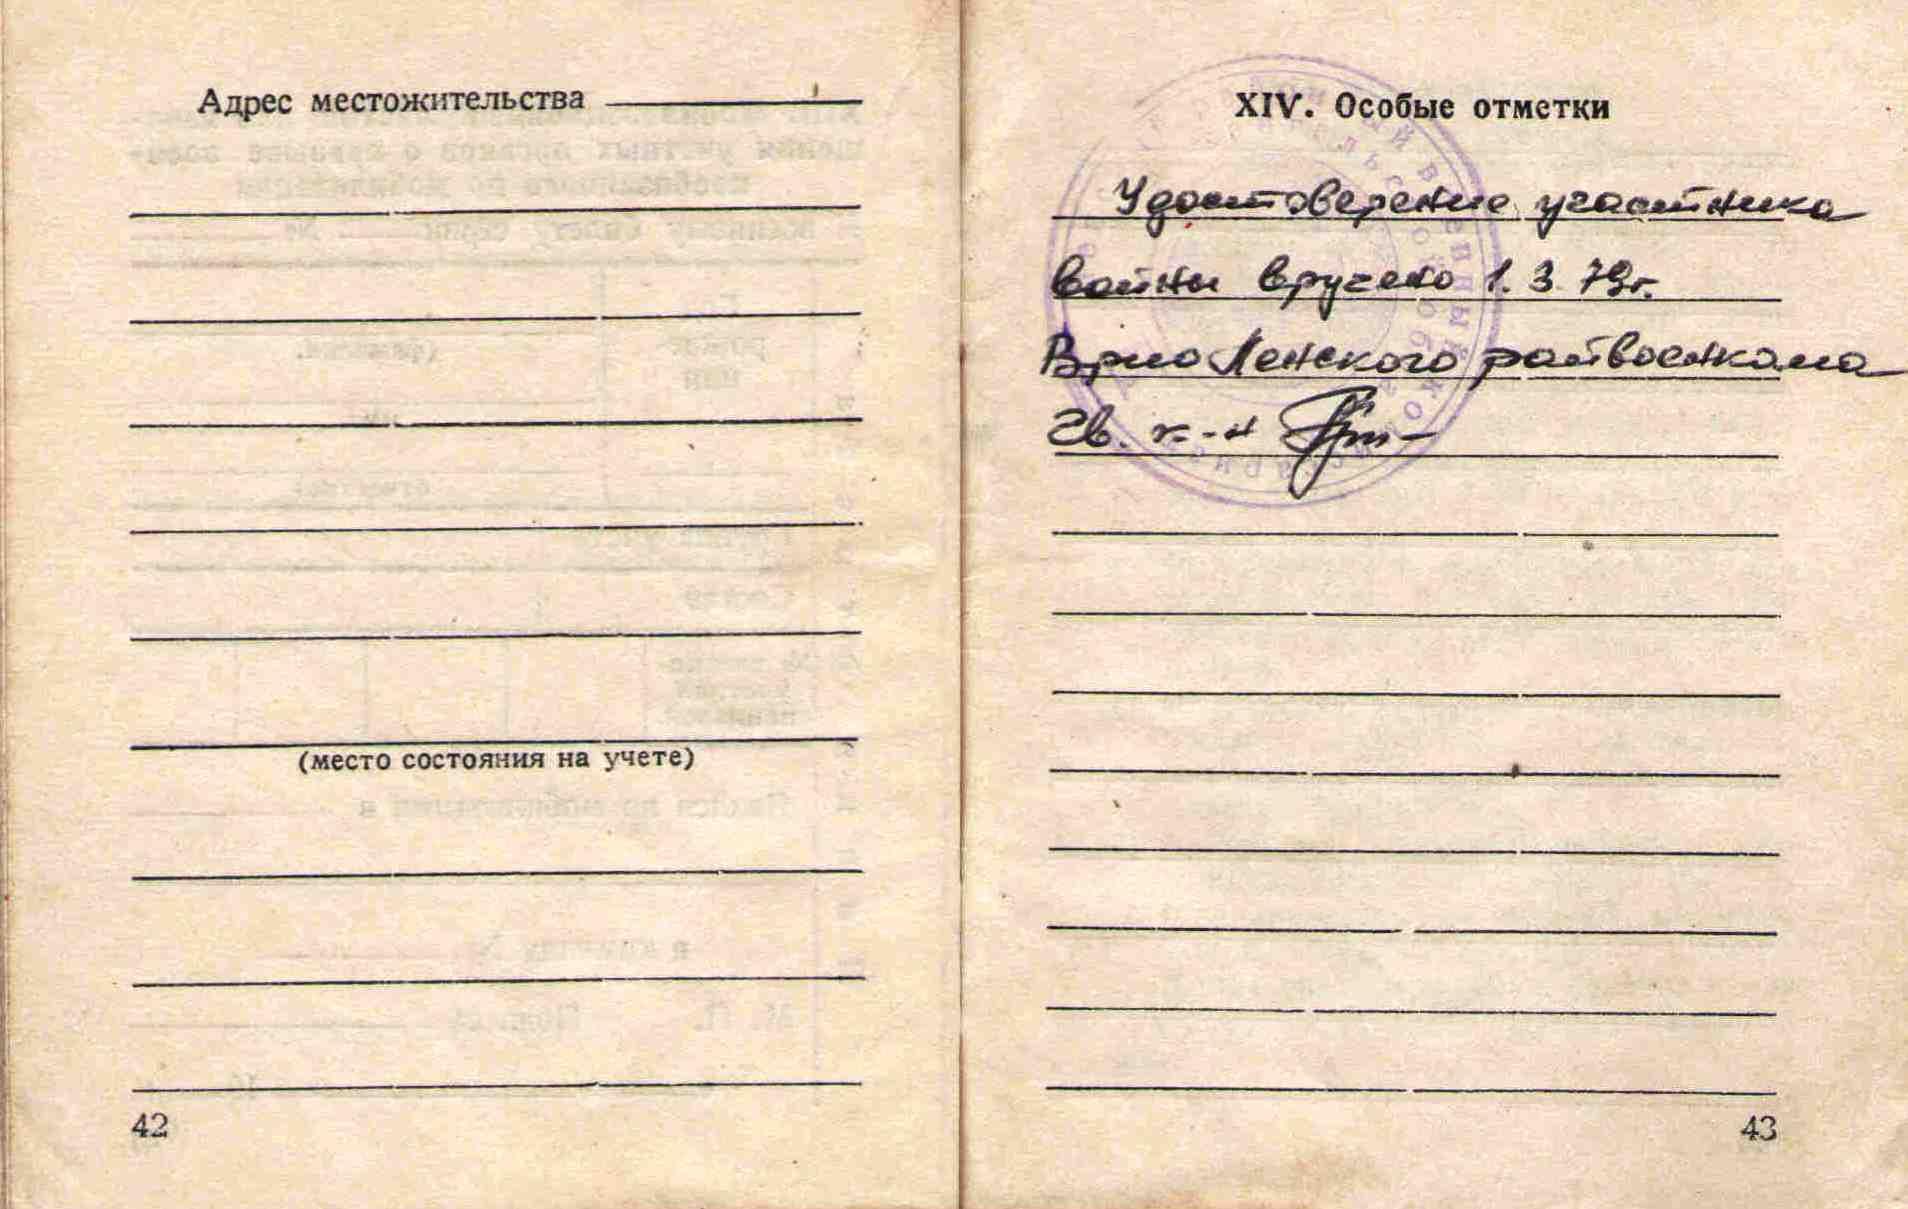 23. Военный билет Барыкина ПП,1948